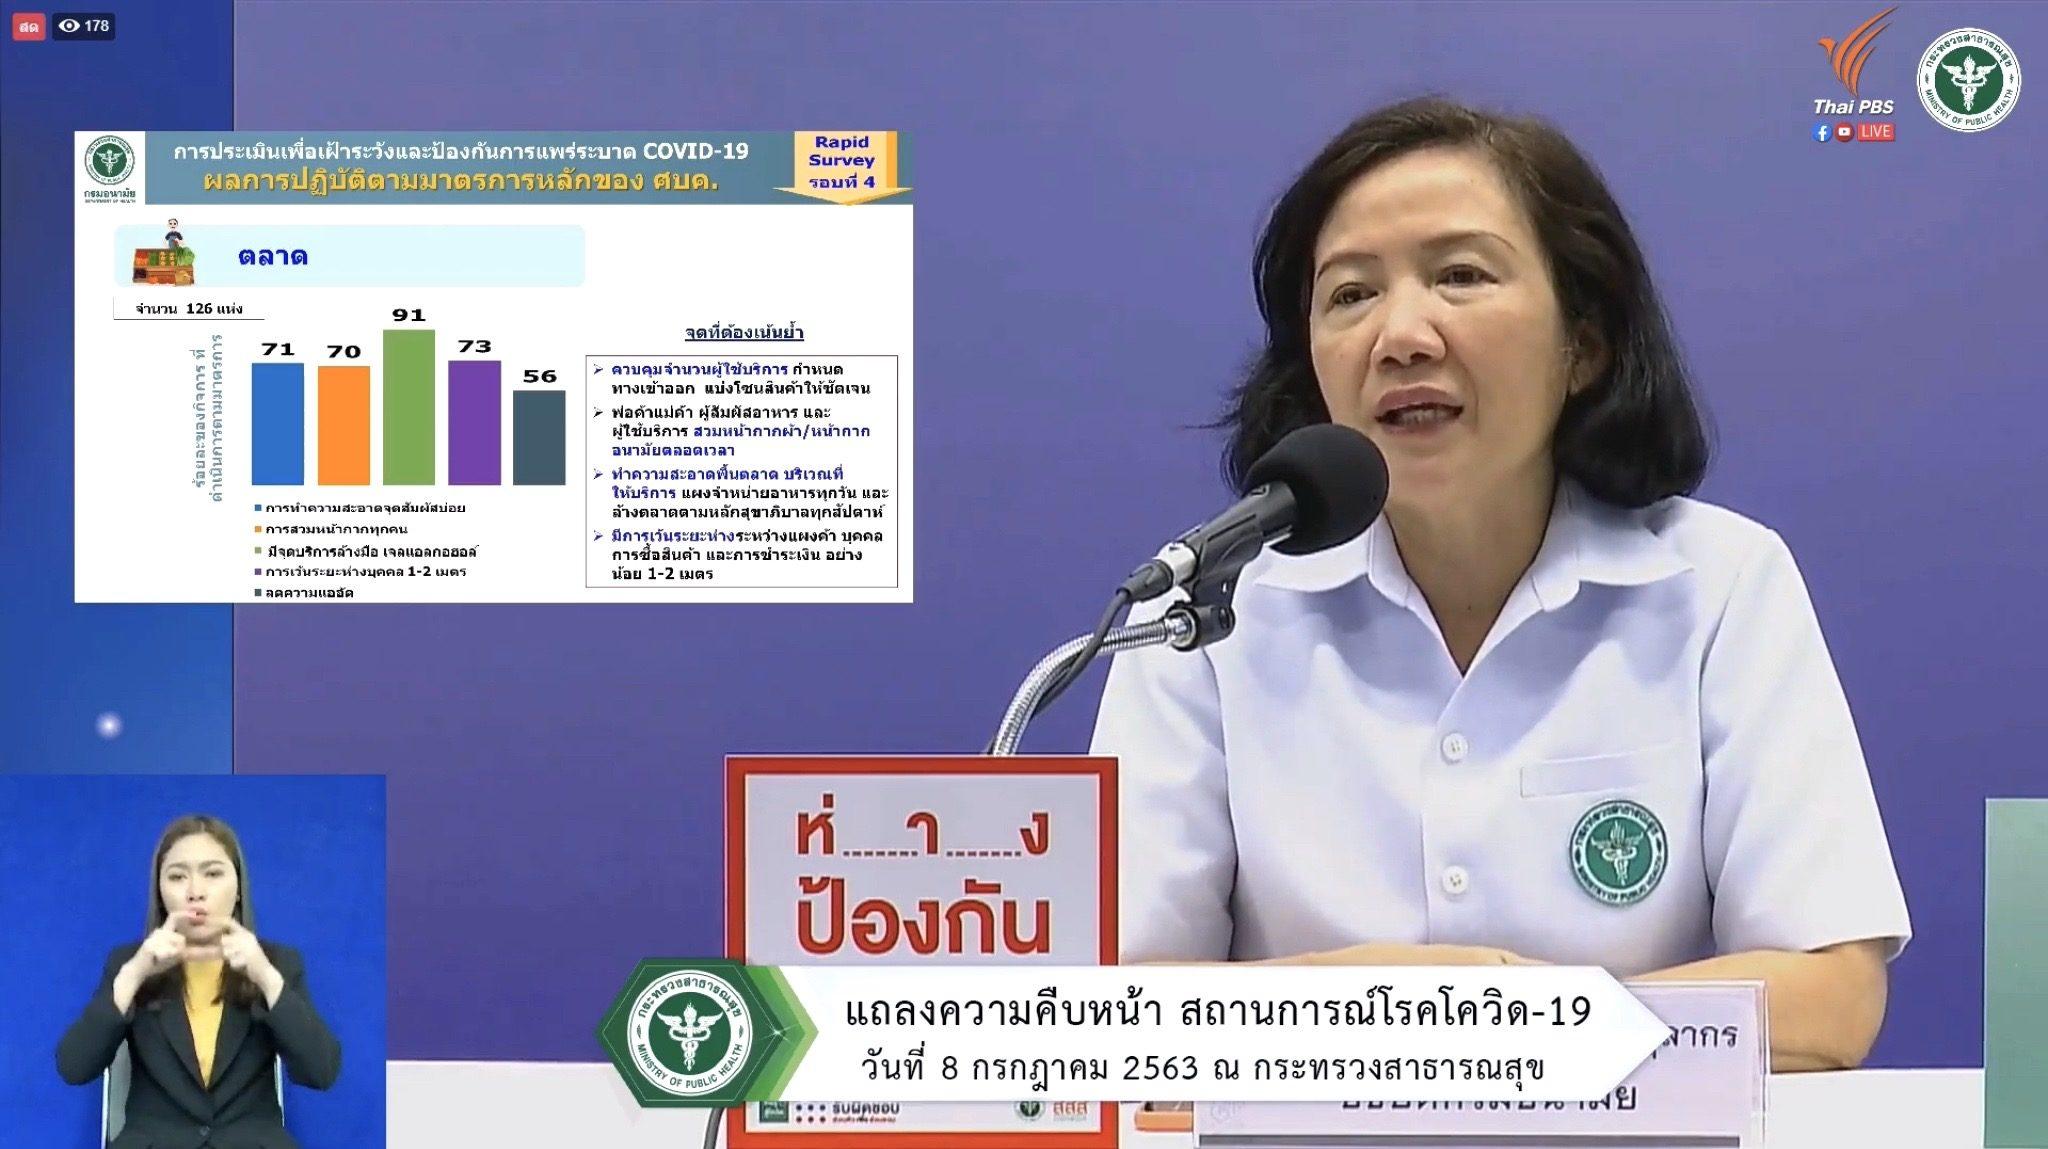 """ผลสำรวจชี้คนไทย """"การ์ดตก"""" เมินหน้ากาก-ไม่เว้นระยะ สธ.ย้ำ! กินที่ร้านอย่านาน"""